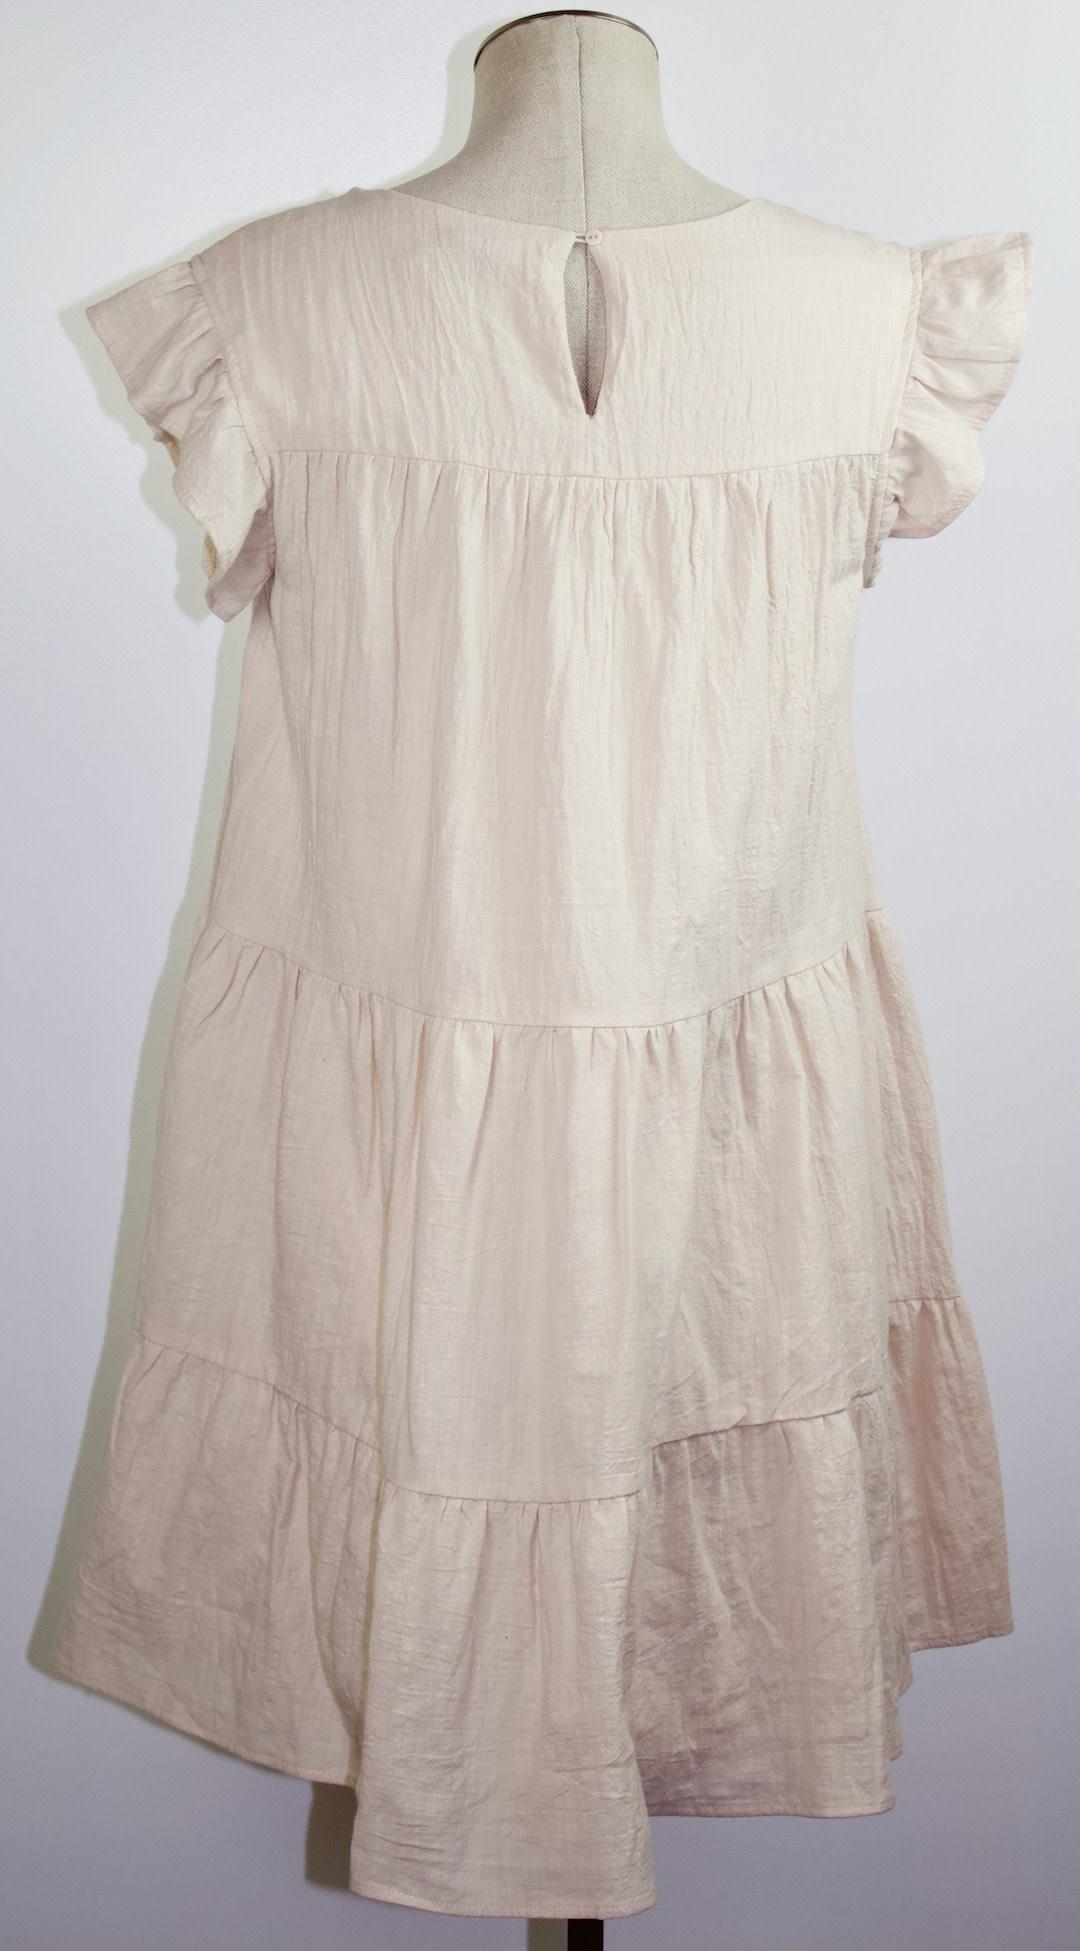 Ruffled Baby Doll Dress